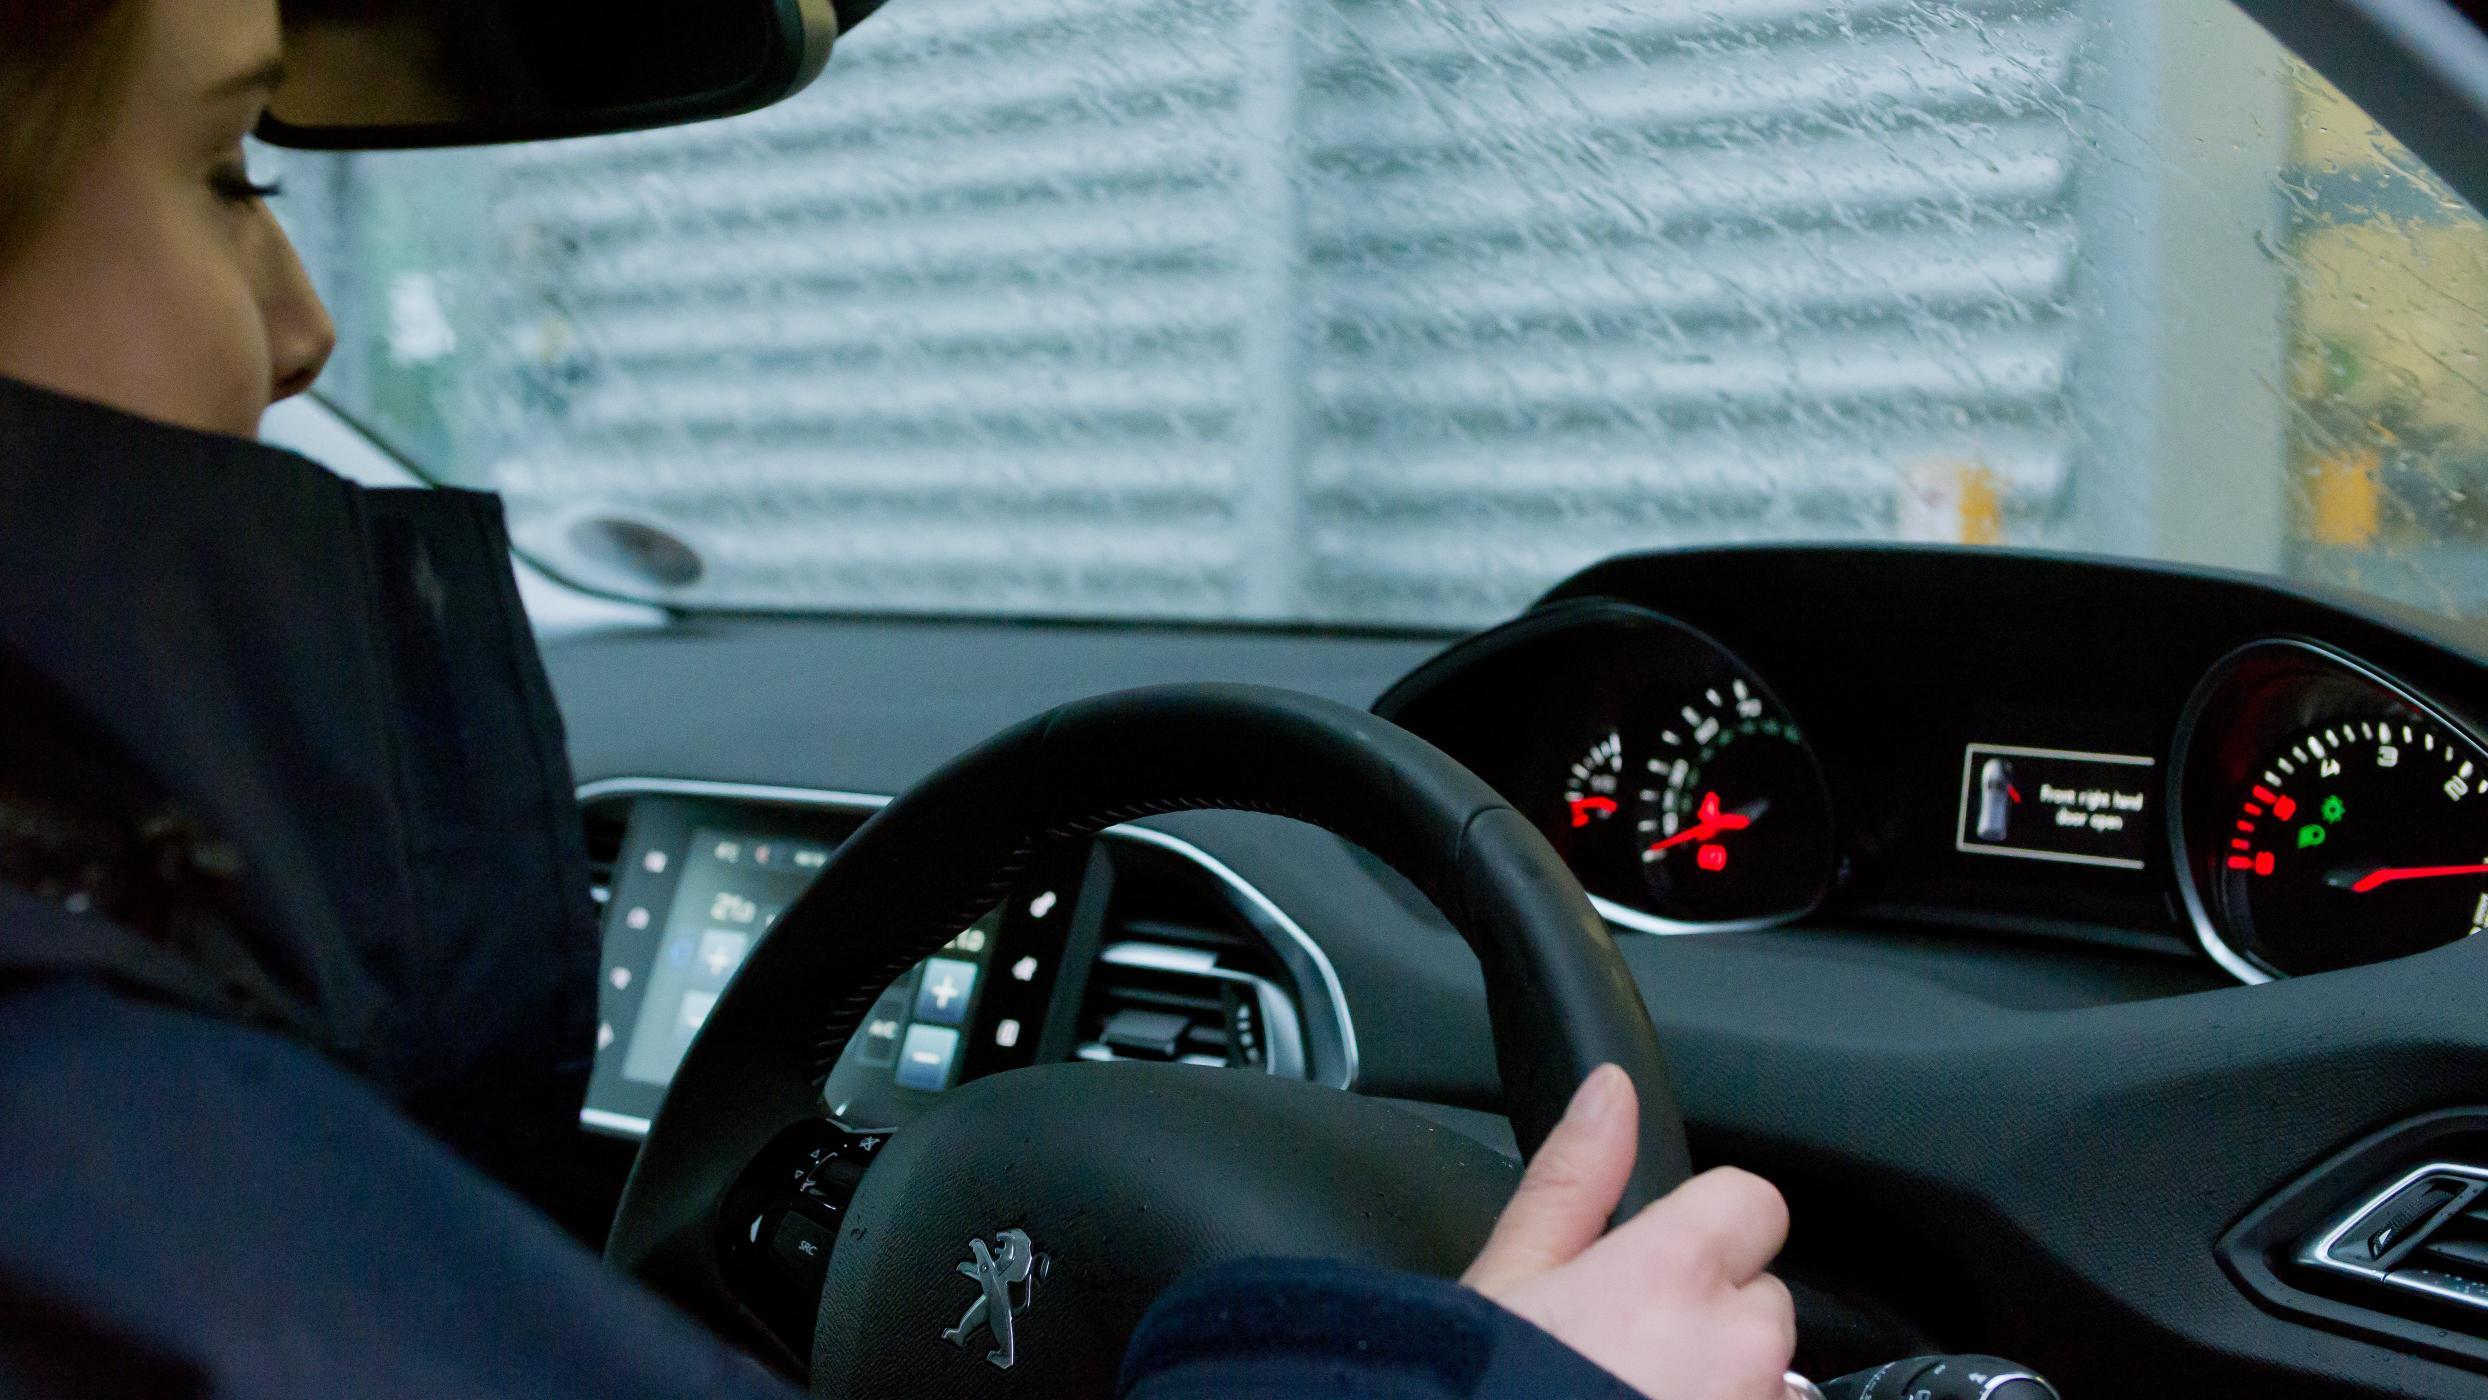 【道安】下雨天開車請小心,五步驟遠離意外